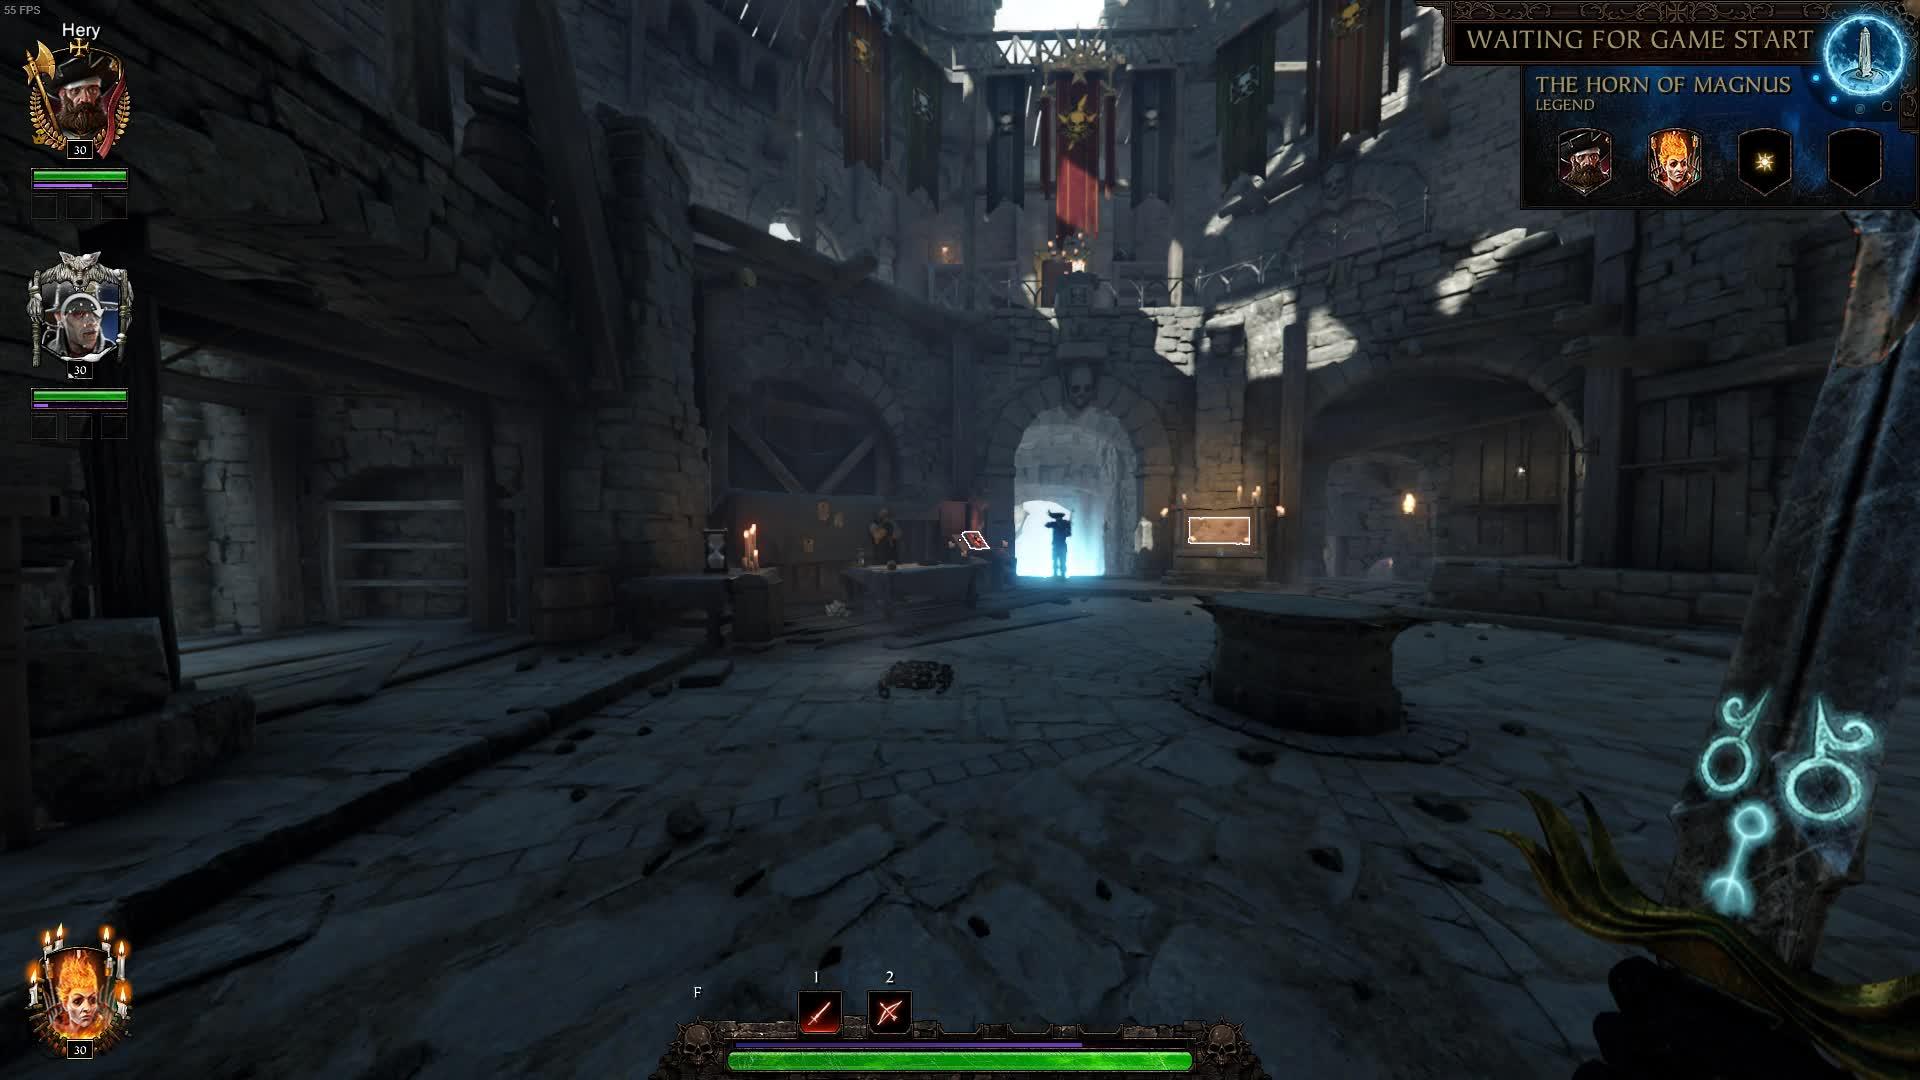 vermintide, Warhammer Vermintide 2 2019.02.16 - 01.57.05.01 GIFs